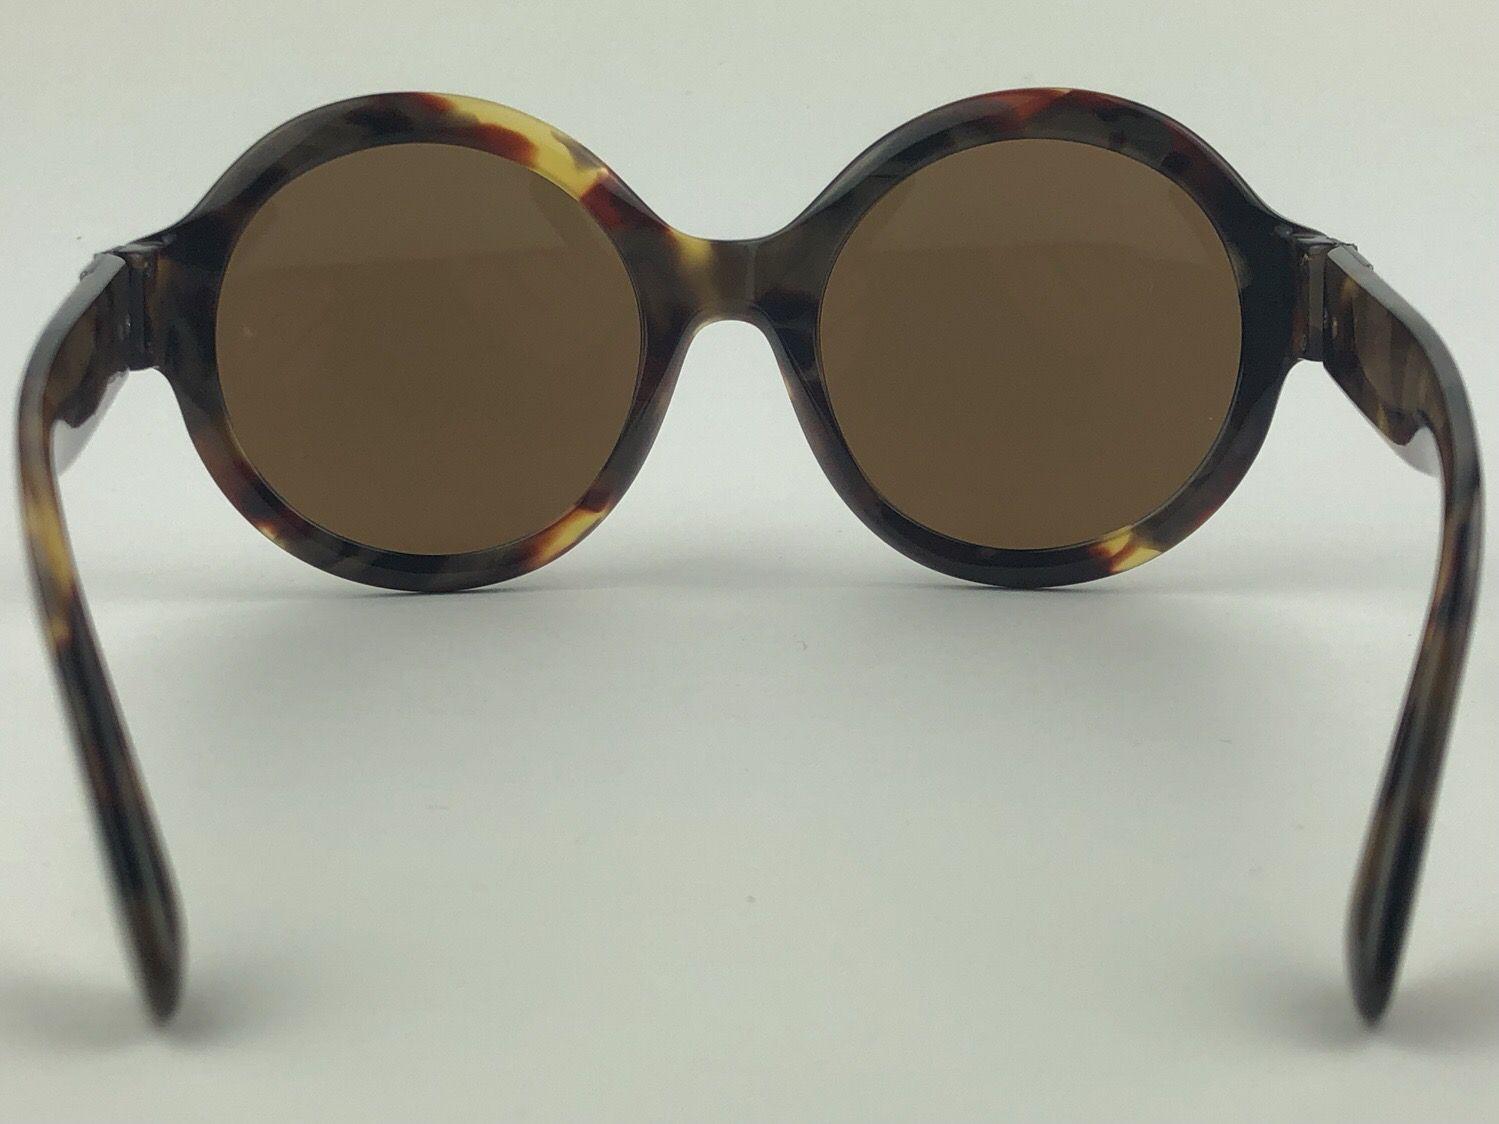 Dolce & Gabbana - DG4331 - Havana - 31706H -53/21 - Óculos de sol